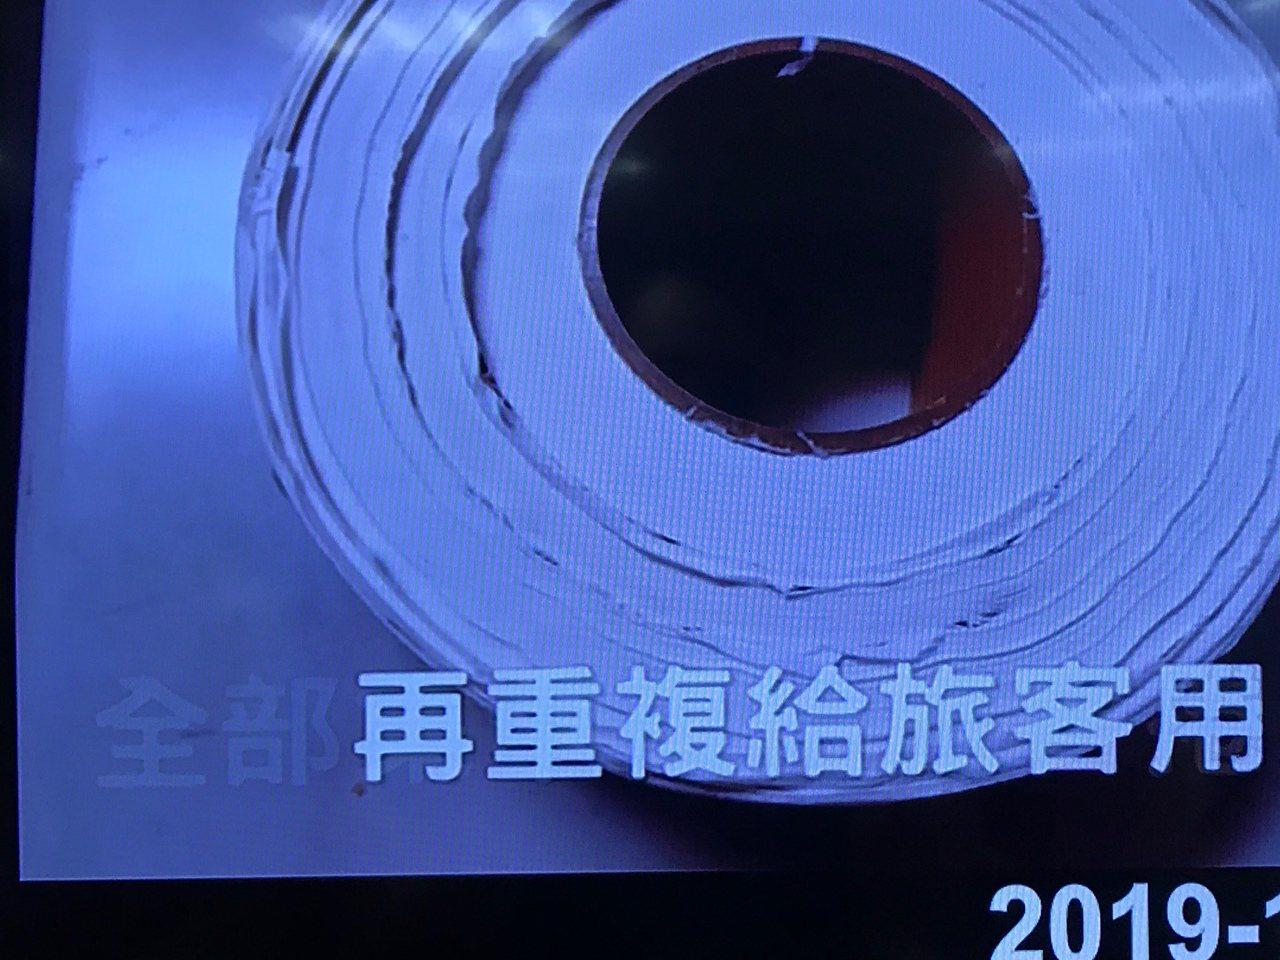 北市議員徐立信接到投訴,指北捷廁所的滾筒衛生紙遭重組後給旅客用,北捷正調查中。圖...